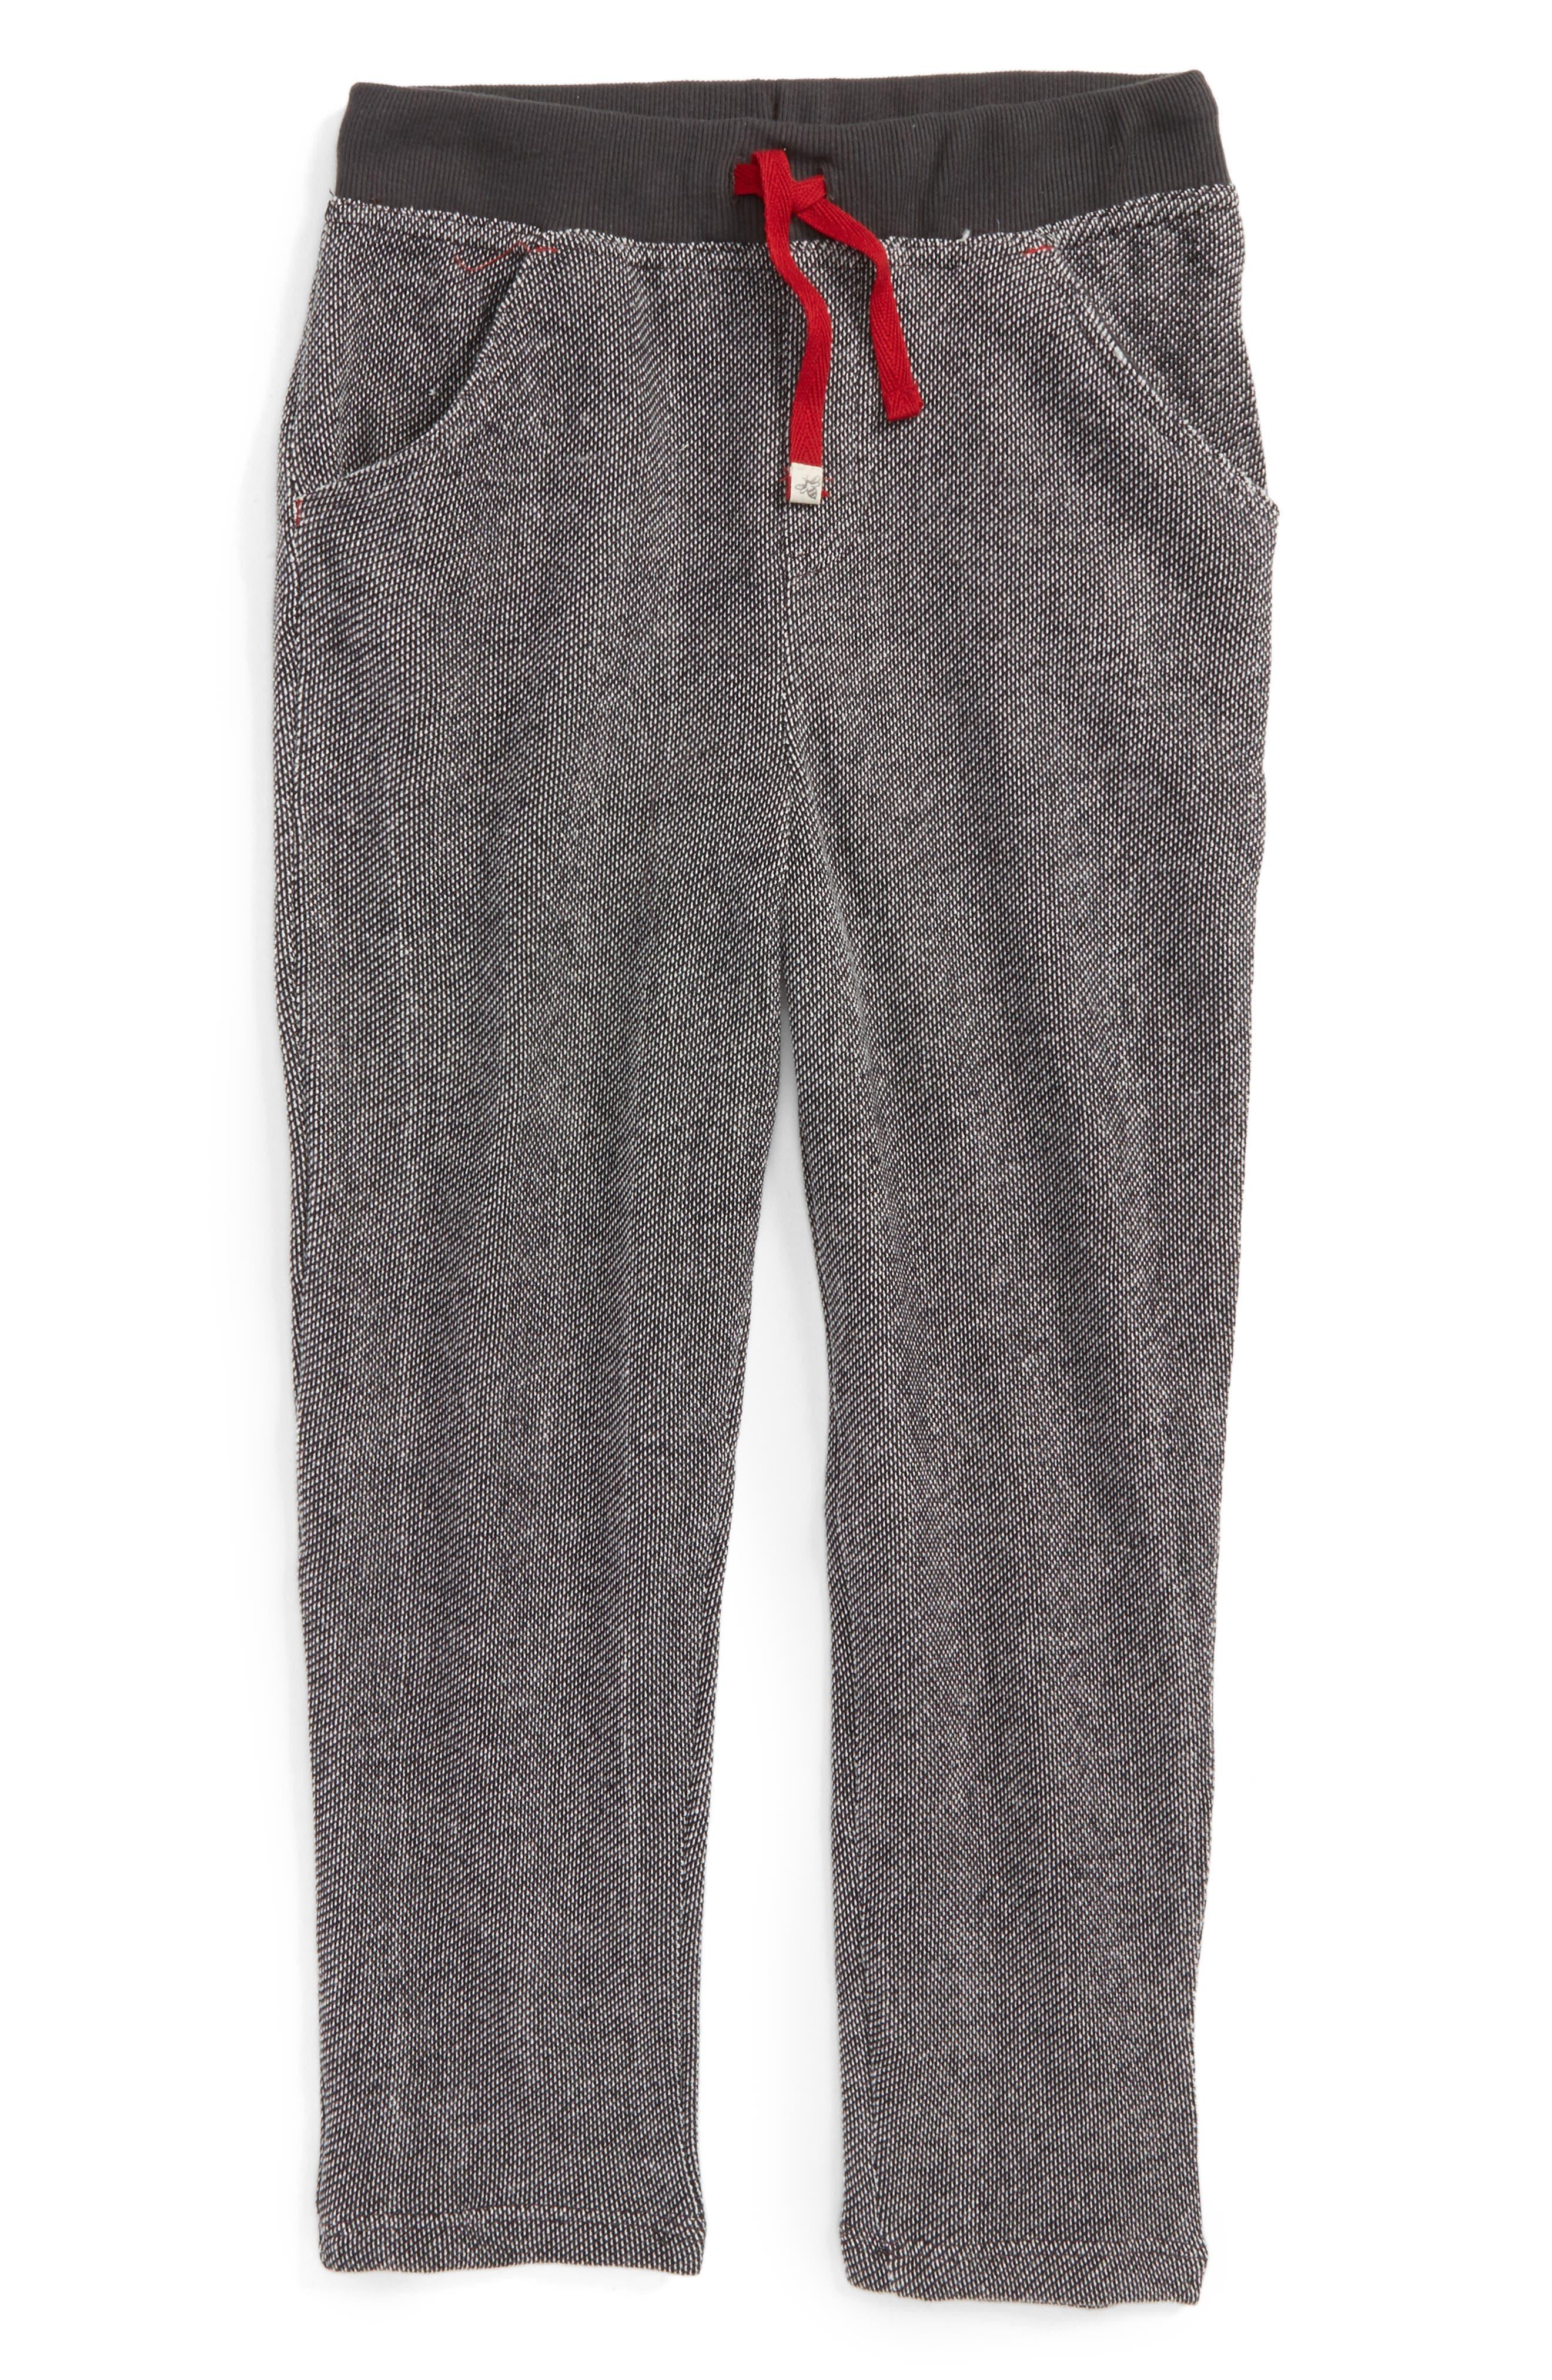 Piqué Organic Cotton Pants,                         Main,                         color, 001